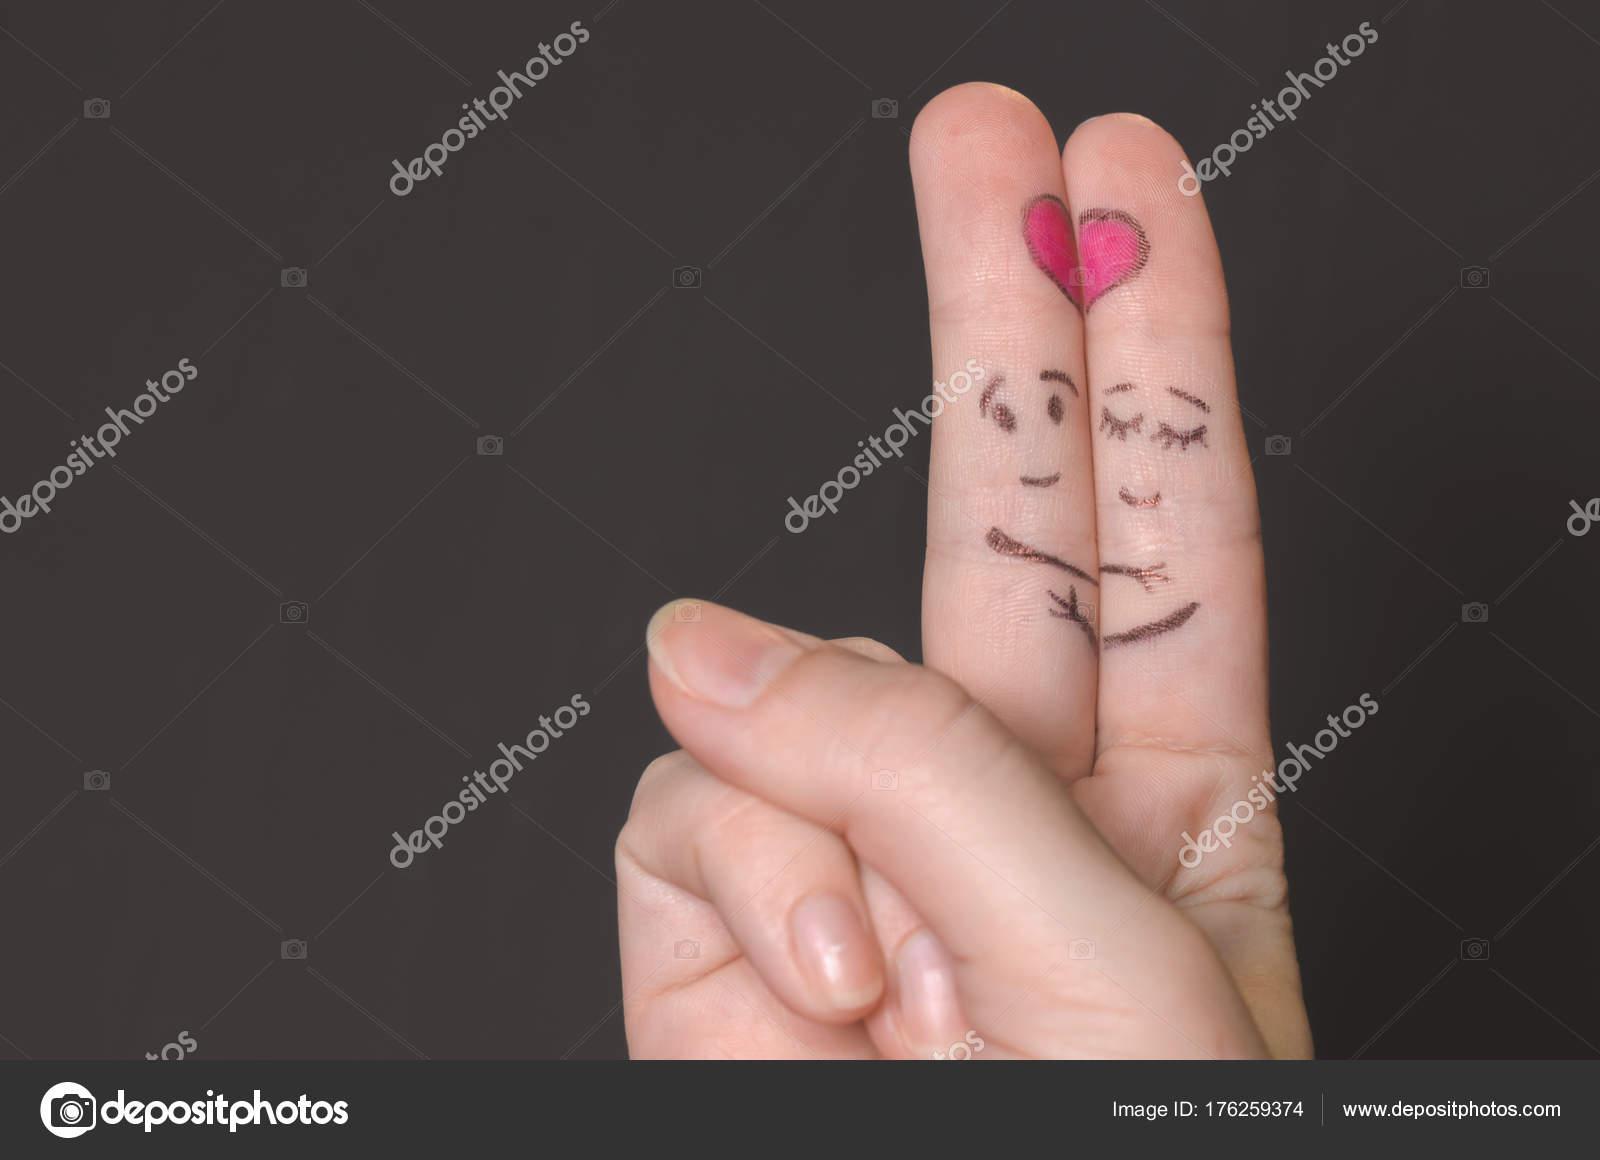 Dedos De Amor Abrazar Los Dedos Con Caras Bosquejadas Expresar